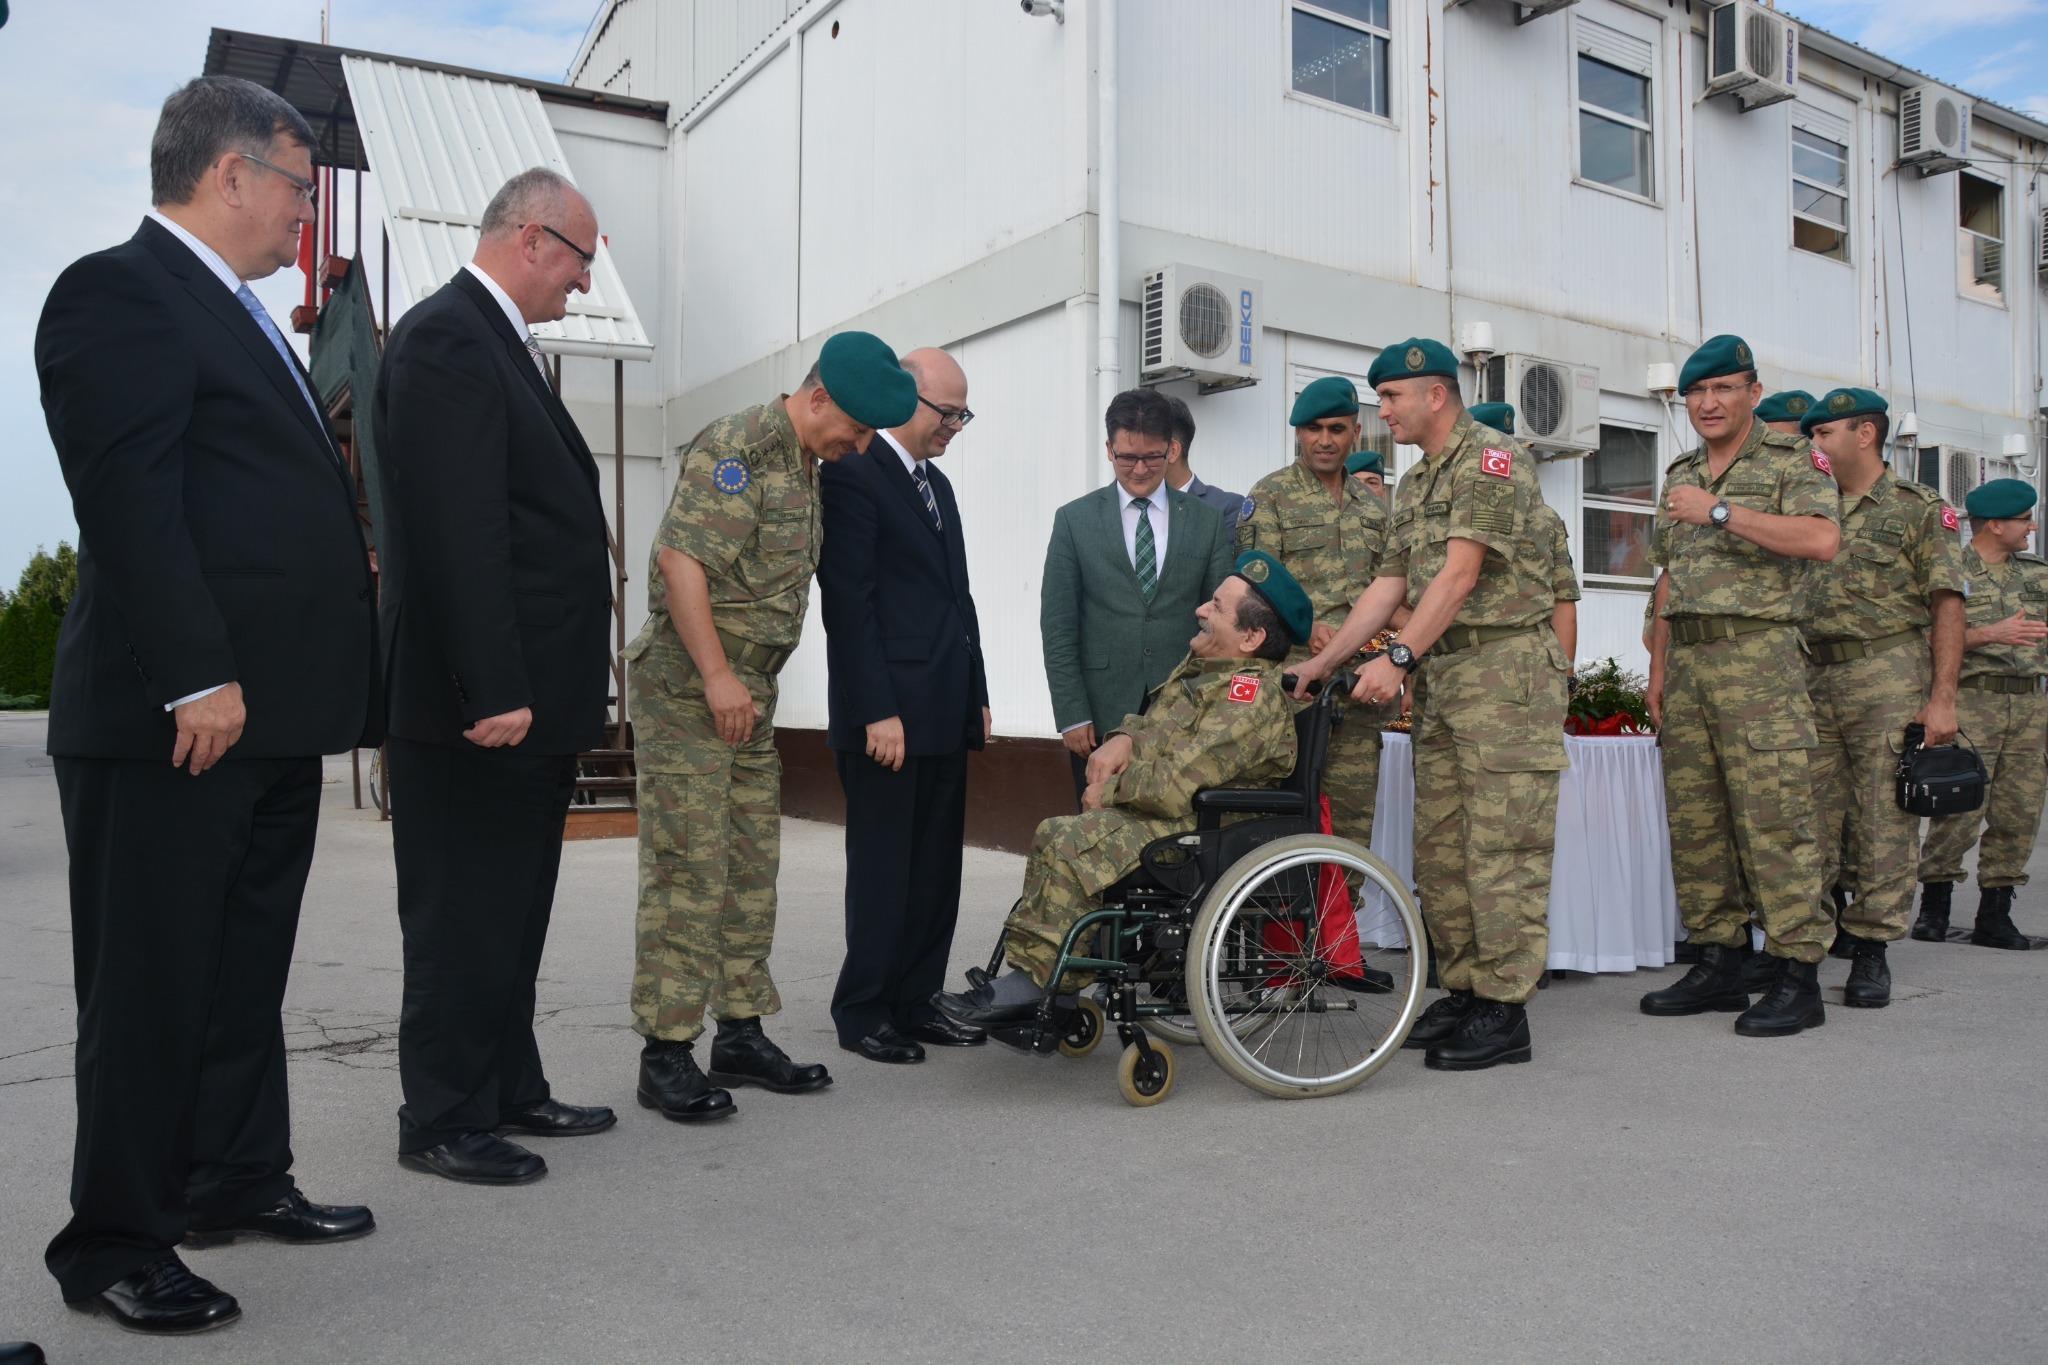 Büyükelçi Sayın Cihad Erginay'ın, EUFOR bünyesinde görev yapan birliğimizle bayramlaşmasından http://t.co/oHTdqYhX7d